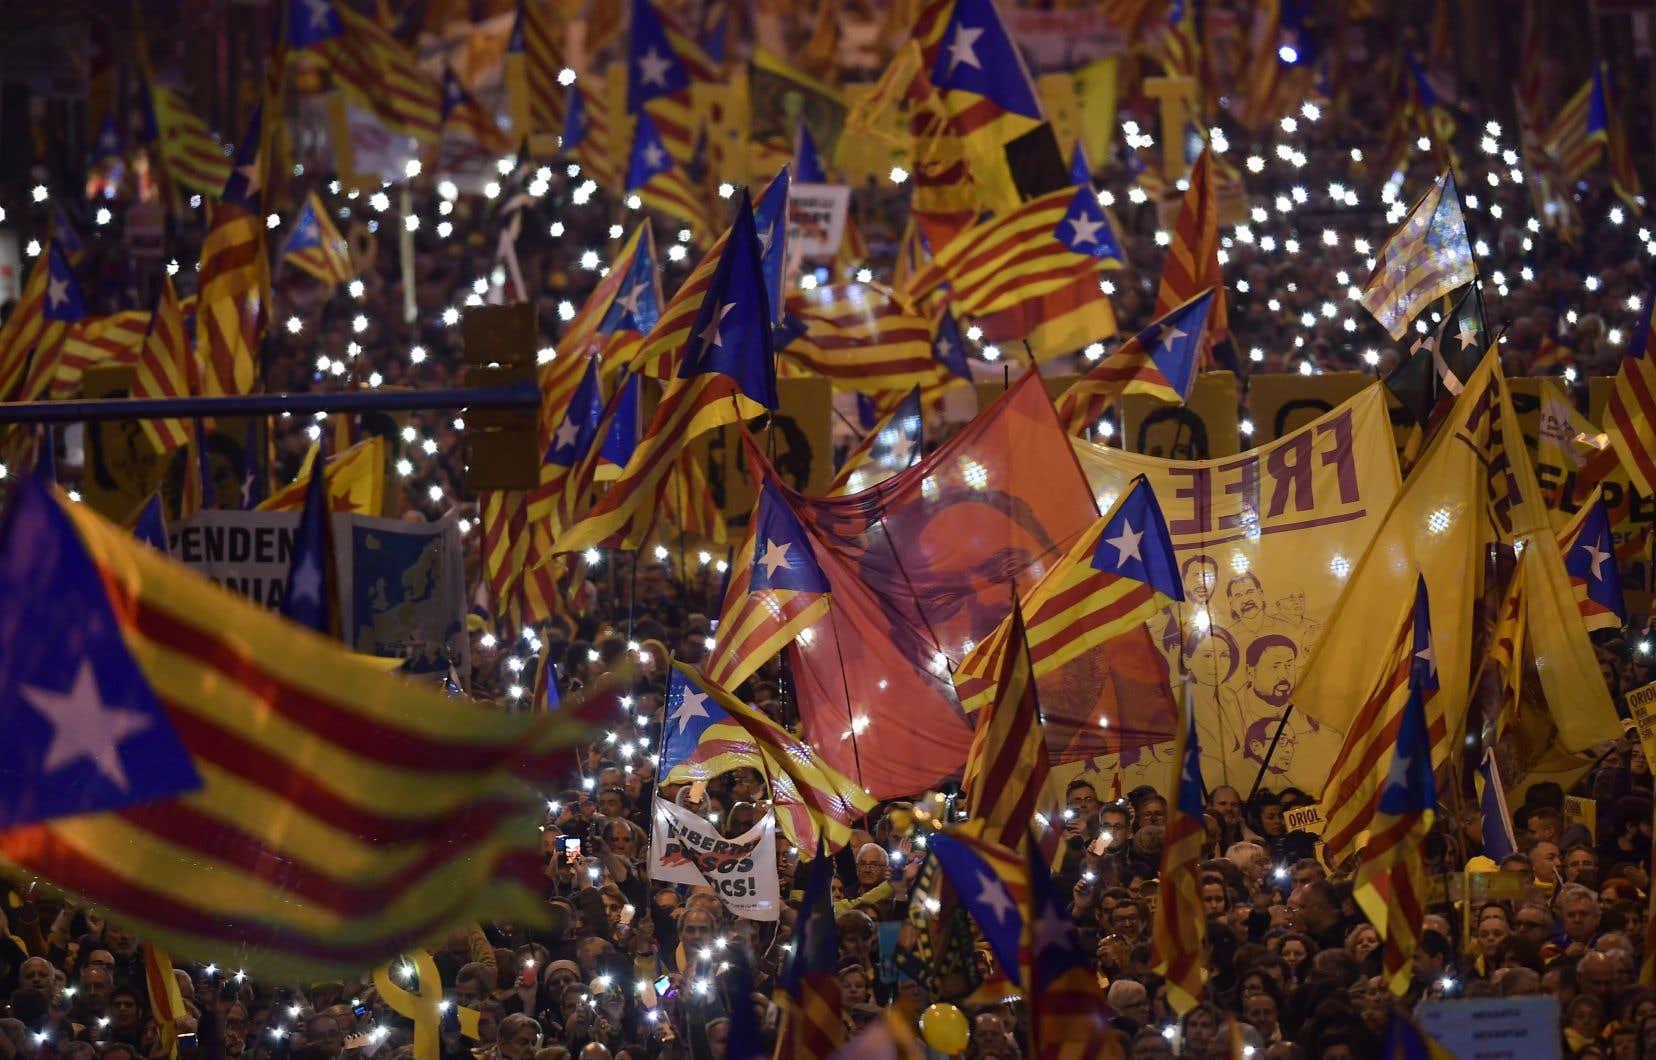 Des milliers de personnes ont manifesté contre le procès des anciens dirigeants séparatistes catalans à Barcelone en février dernier.